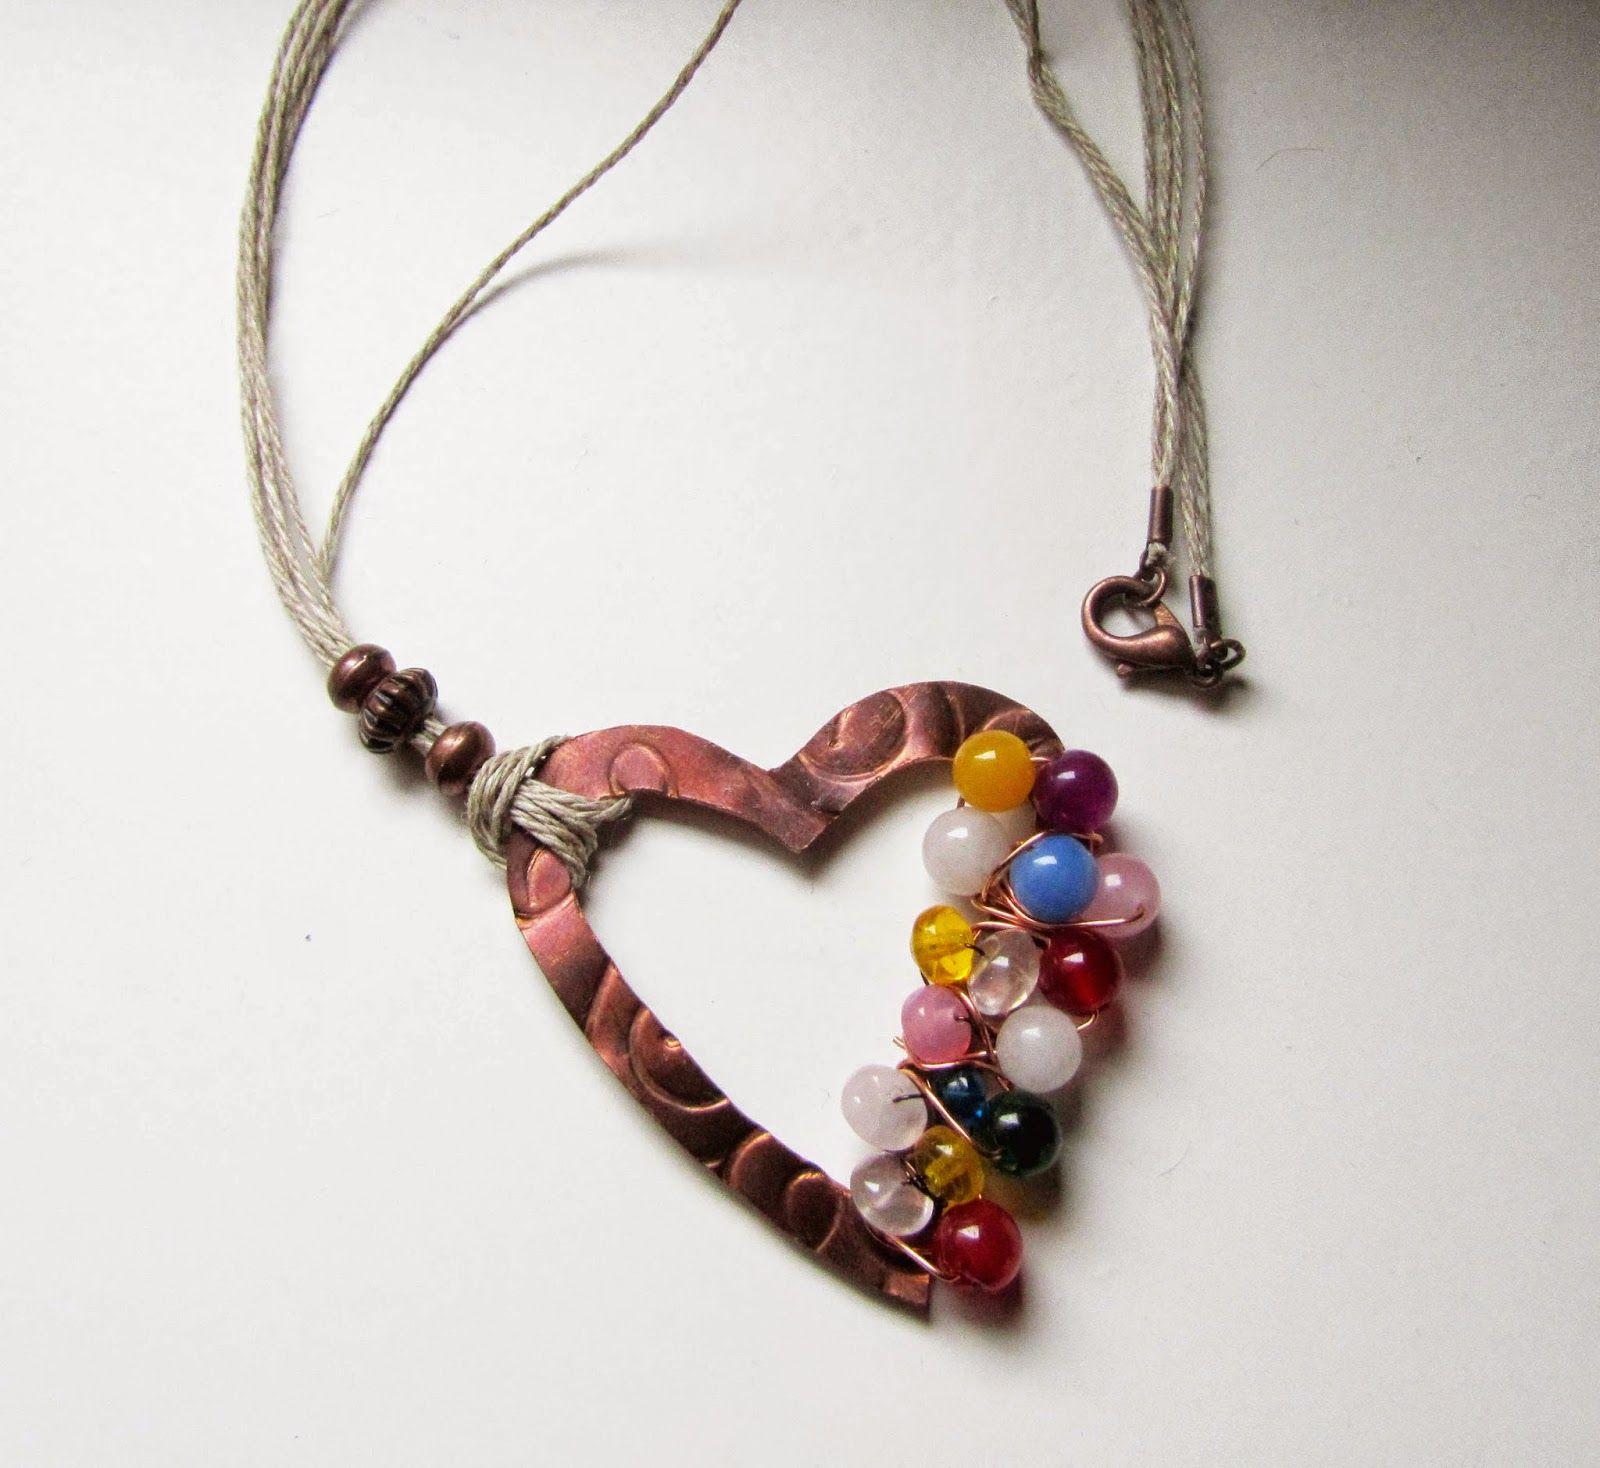 40 joyas de Ana Rivero, blog de bisutería y complementos y moda: Collar de cobre con cristales